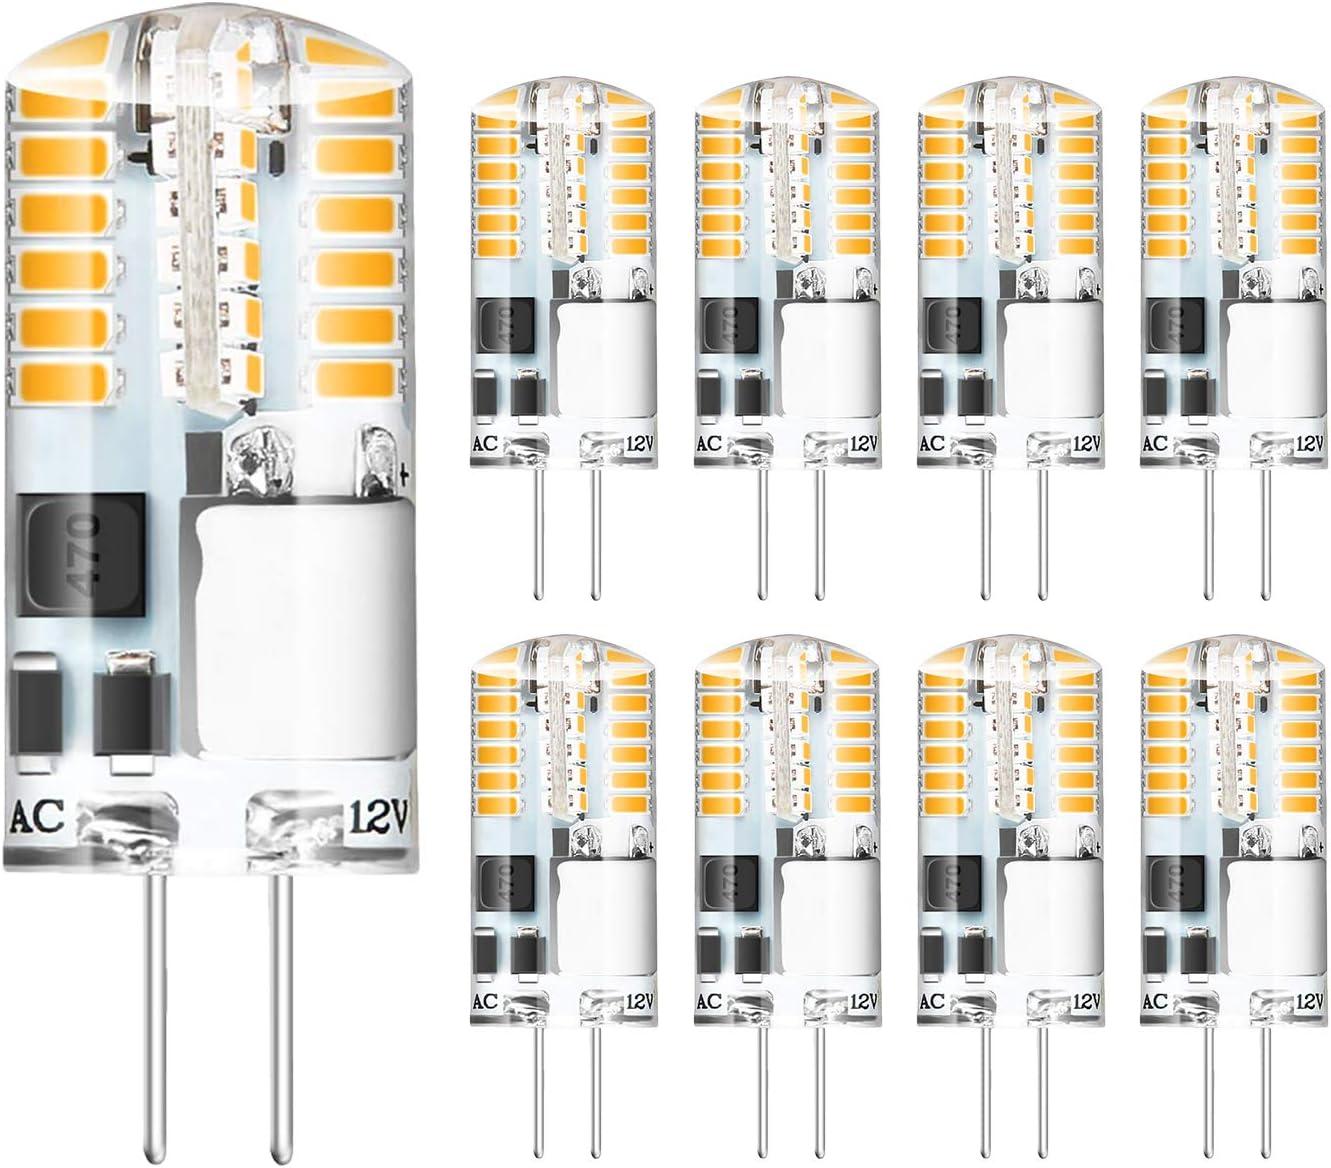 Bombillas LED G4 3W Reemplaza Bombillas Halógenas de 20W 30W Lámparas AC / DC 12V G4 Blanco Cálido 2700K, CRI 83 Ángulo de Haz360 °, 215LM, Paquete de 8 Yuiip [Clase de eficiencia A + ]